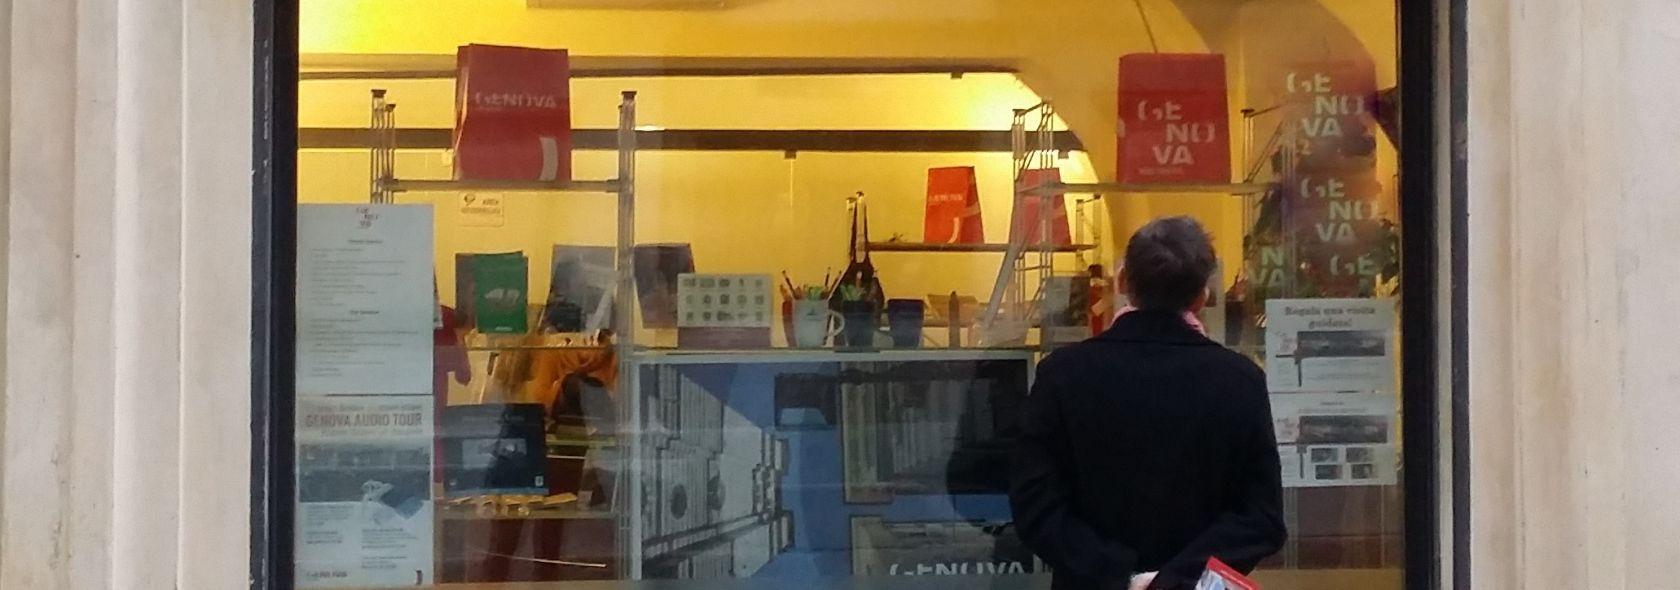 Bureaux d'Informations Touristiques